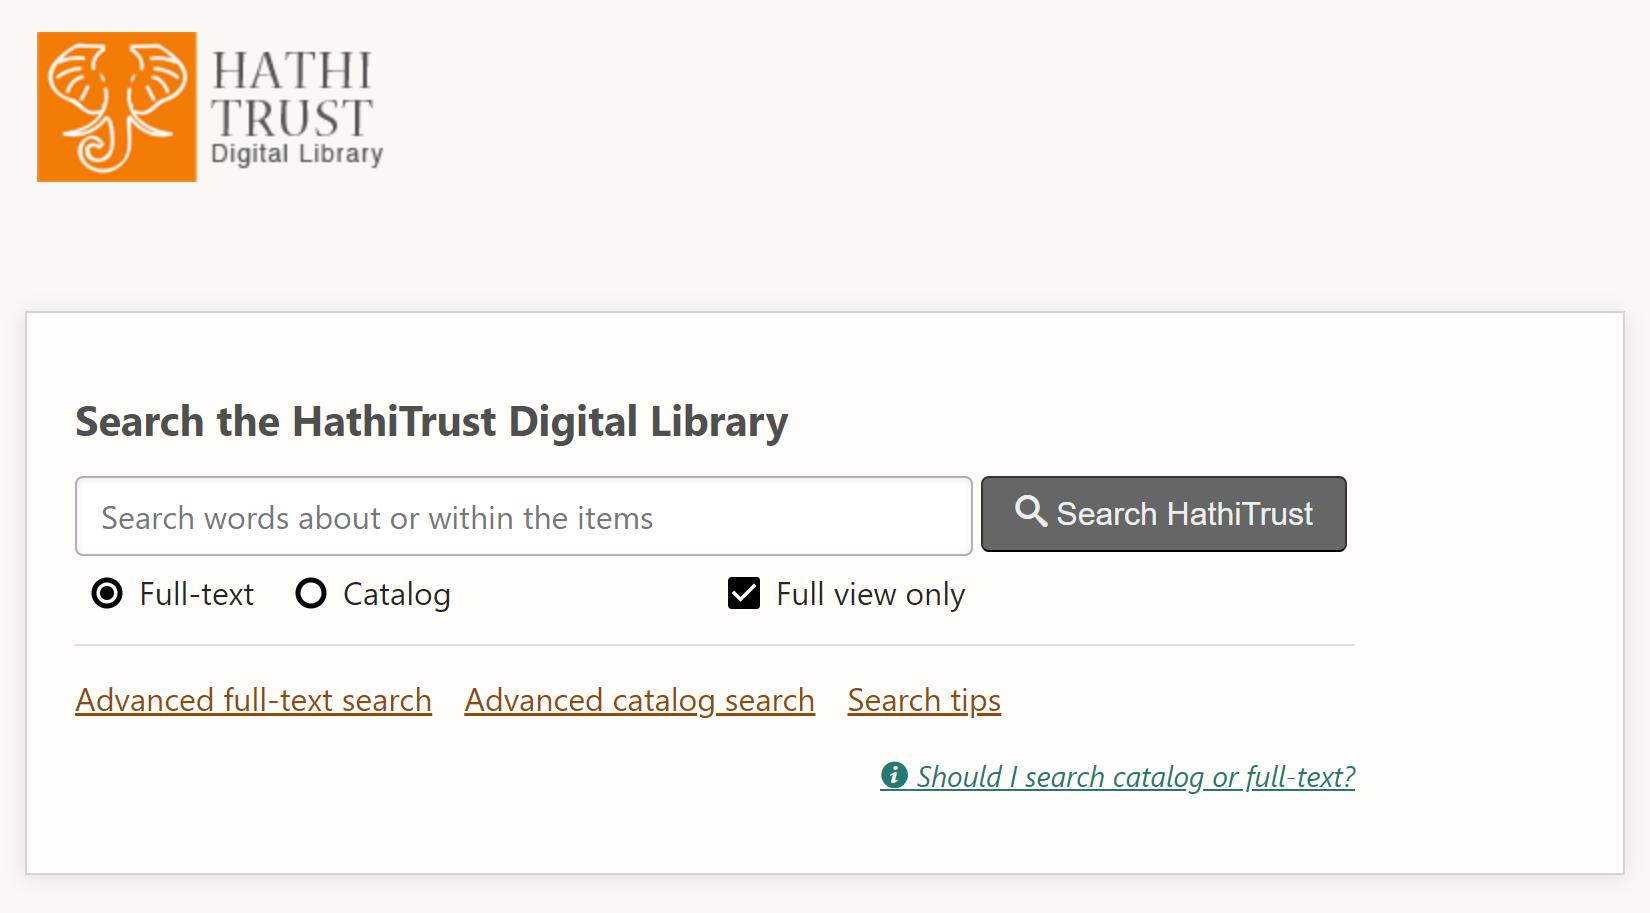 HathiTrust Search